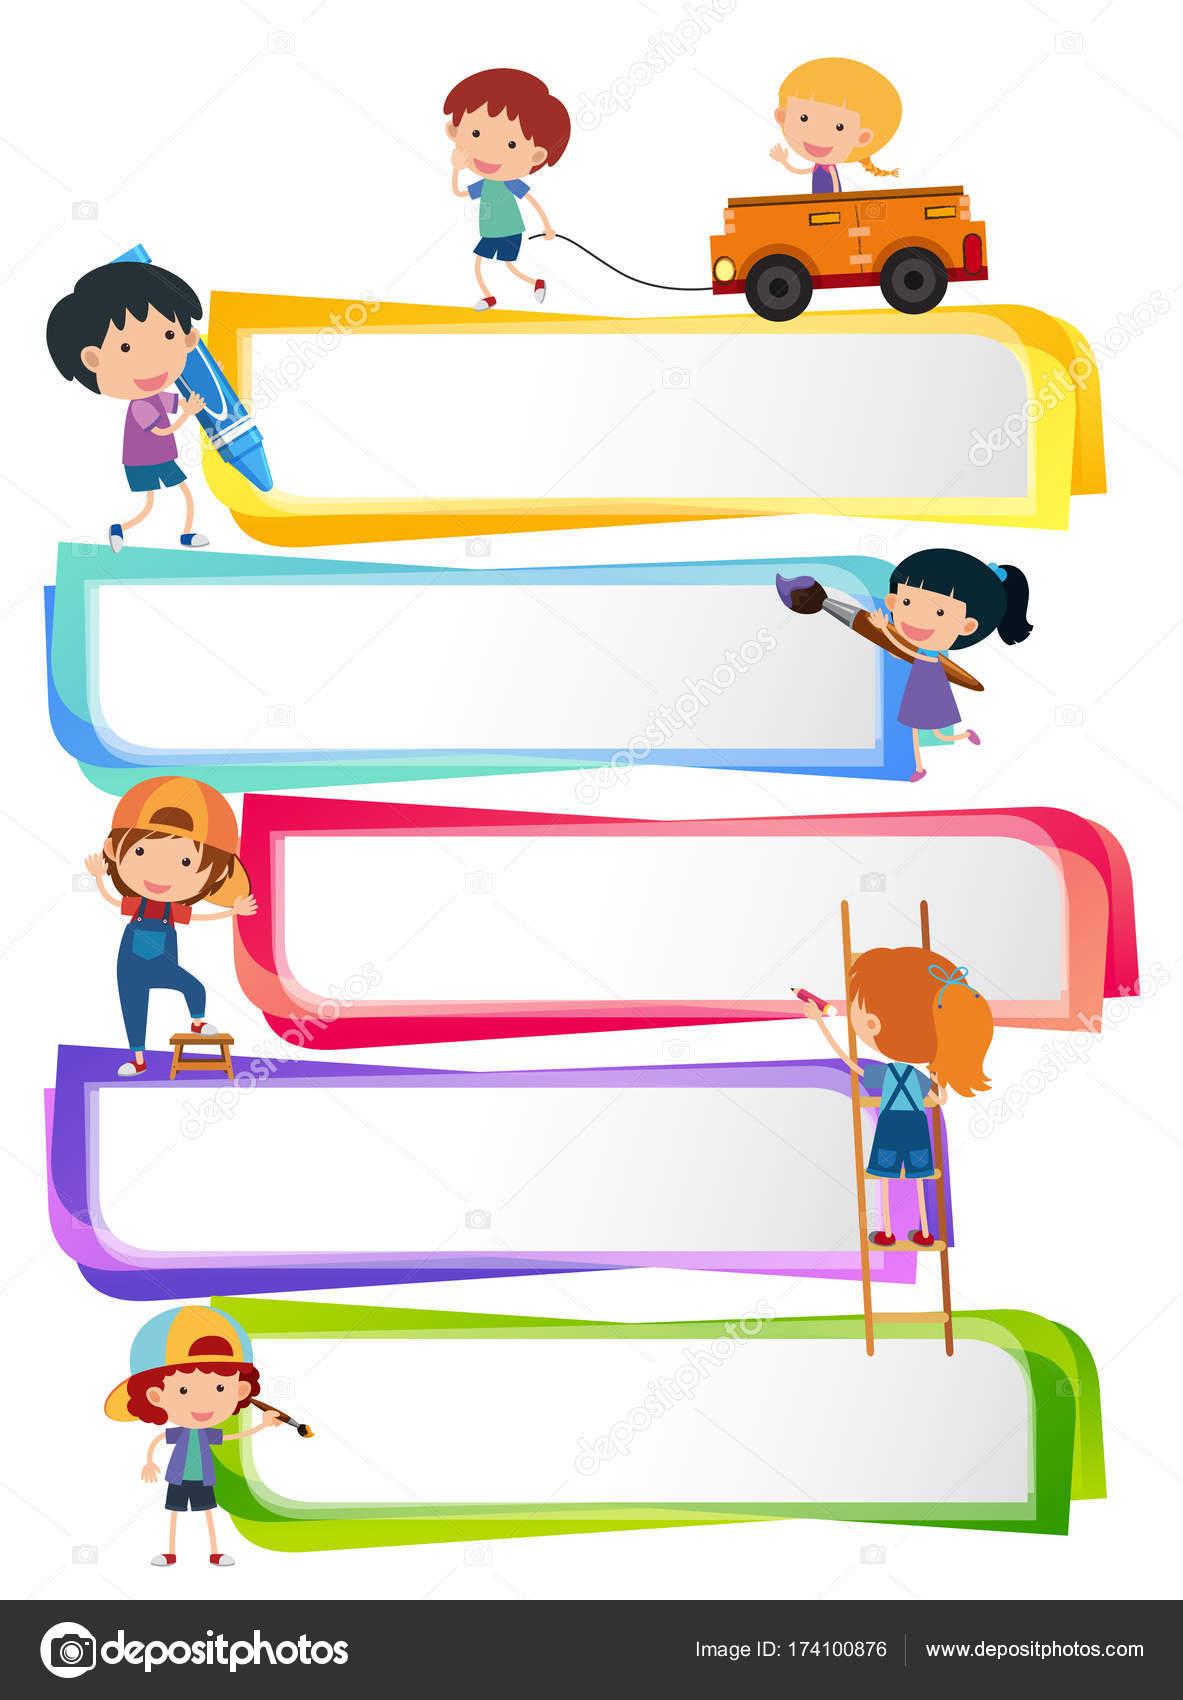 Etiquetas plantillas con niños felices — Archivo Imágenes ...